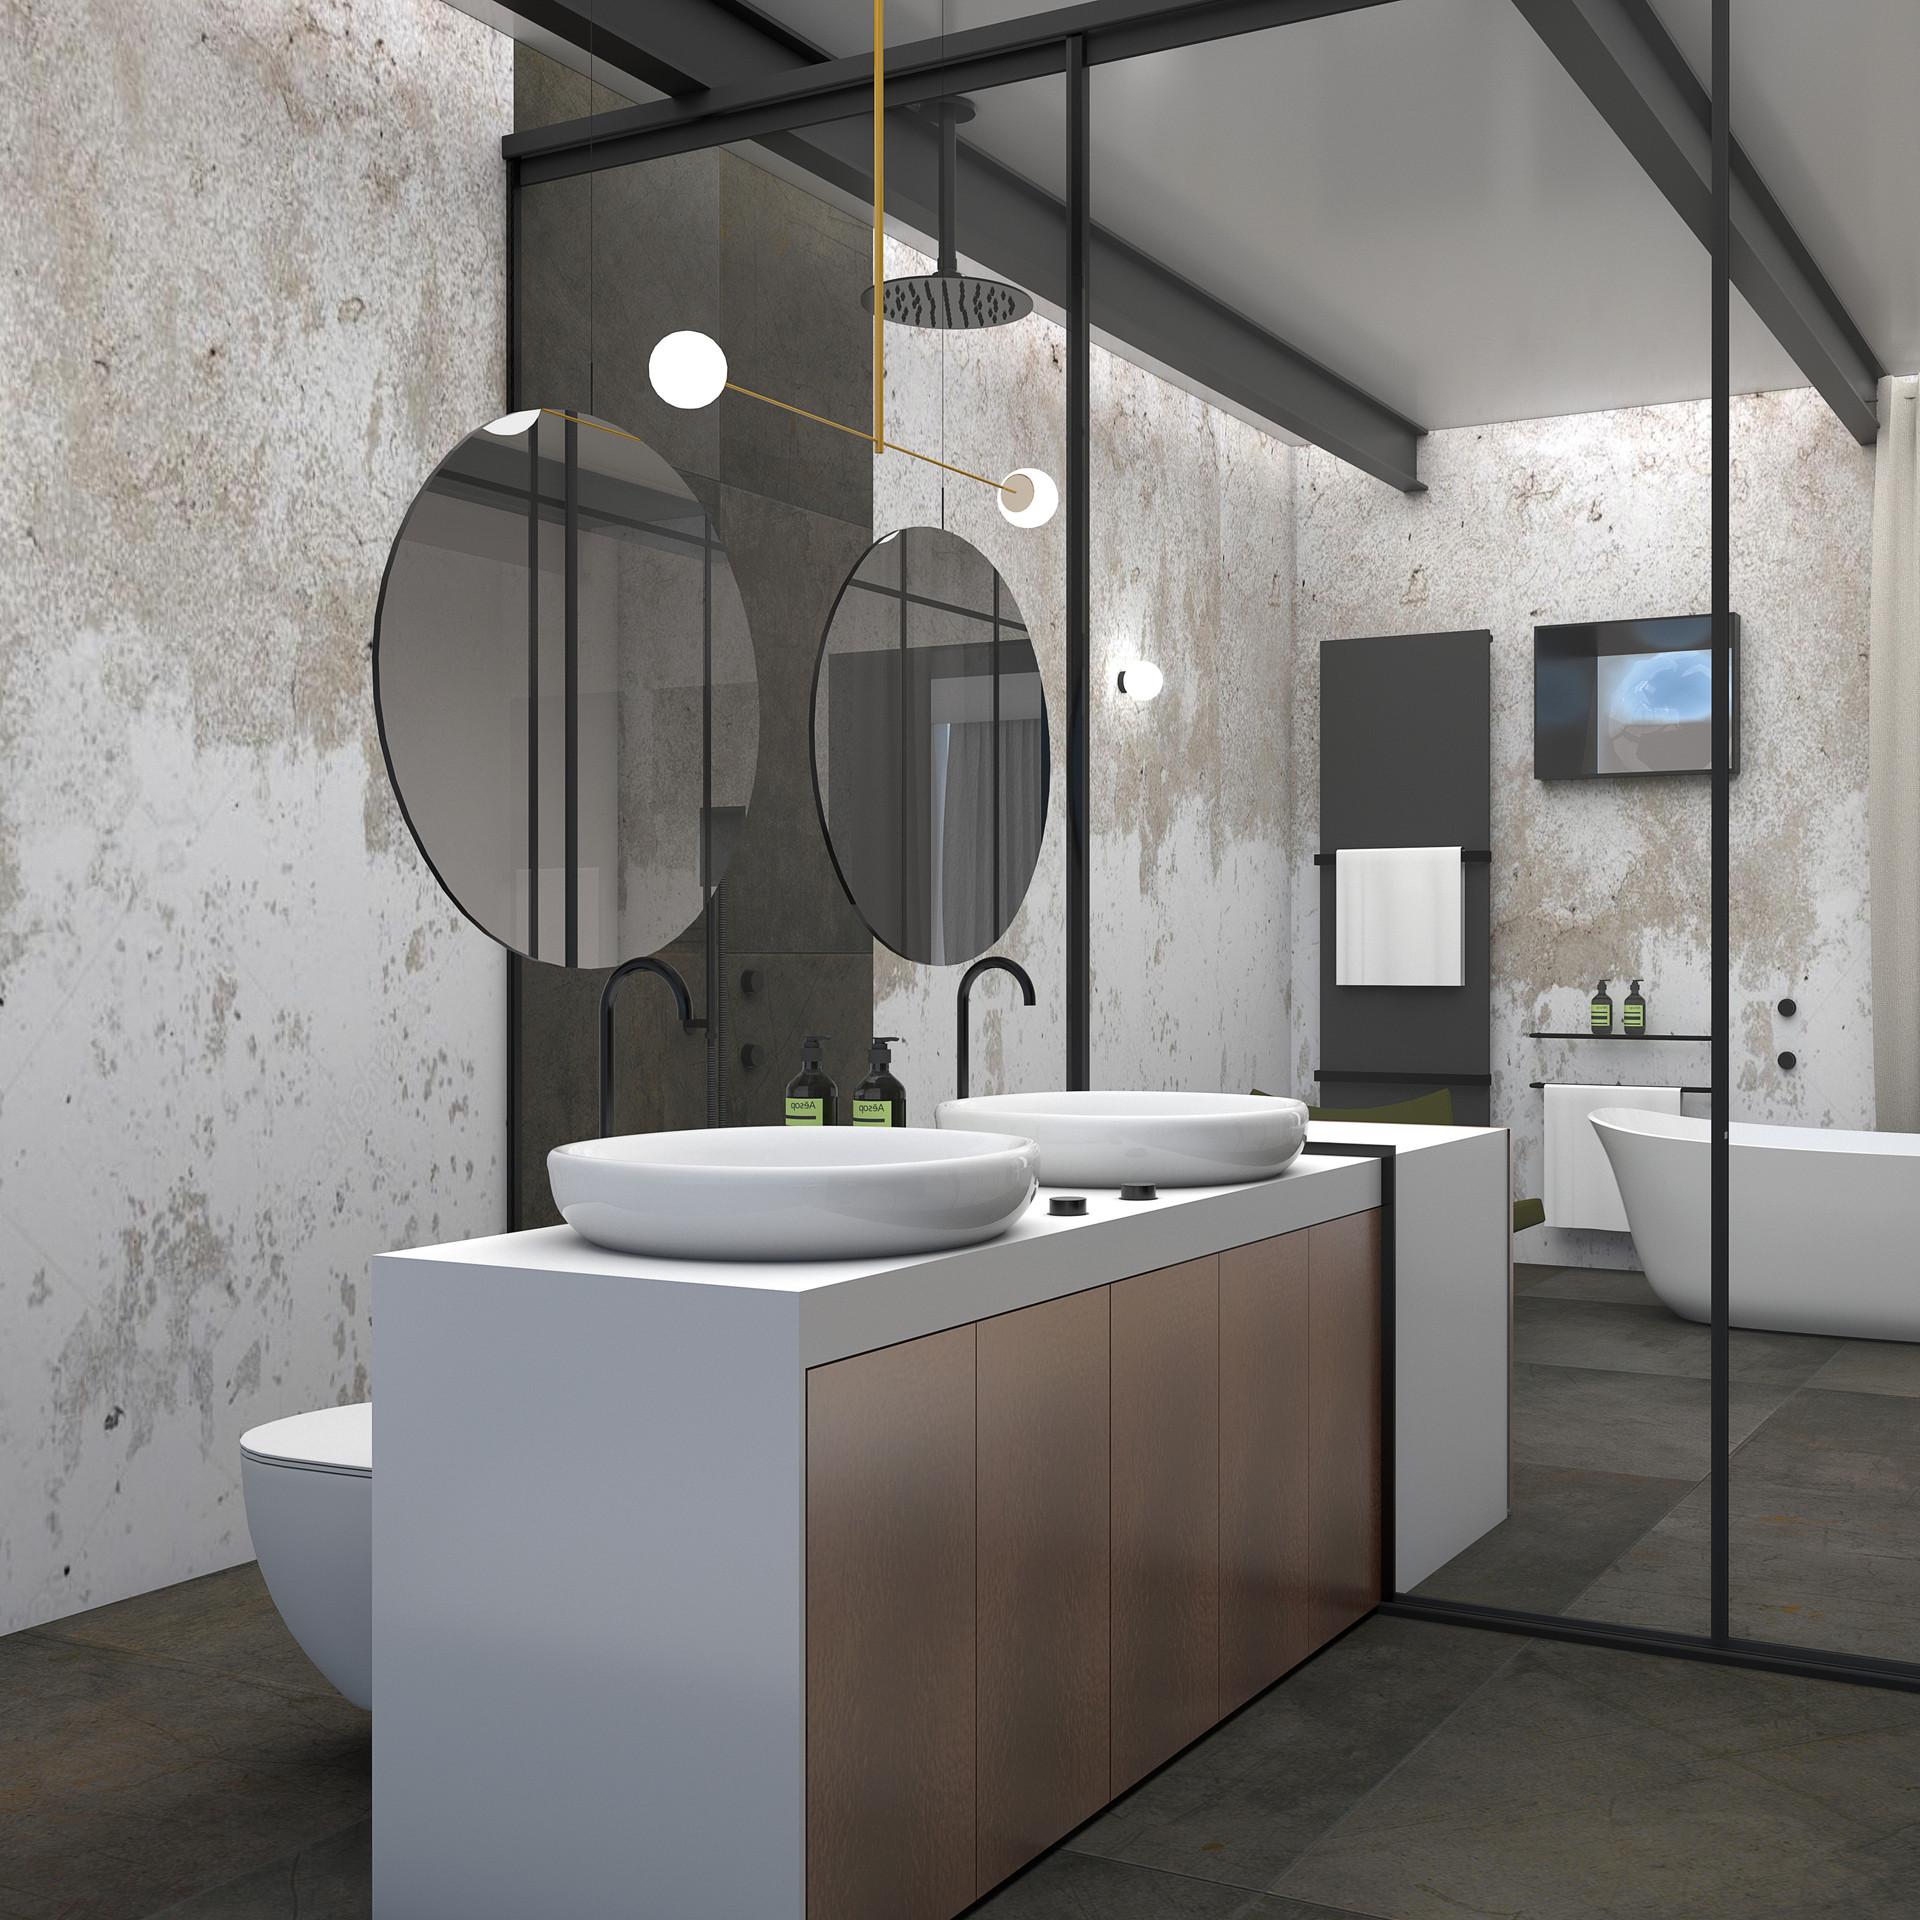 Bathroom - Contemporary House